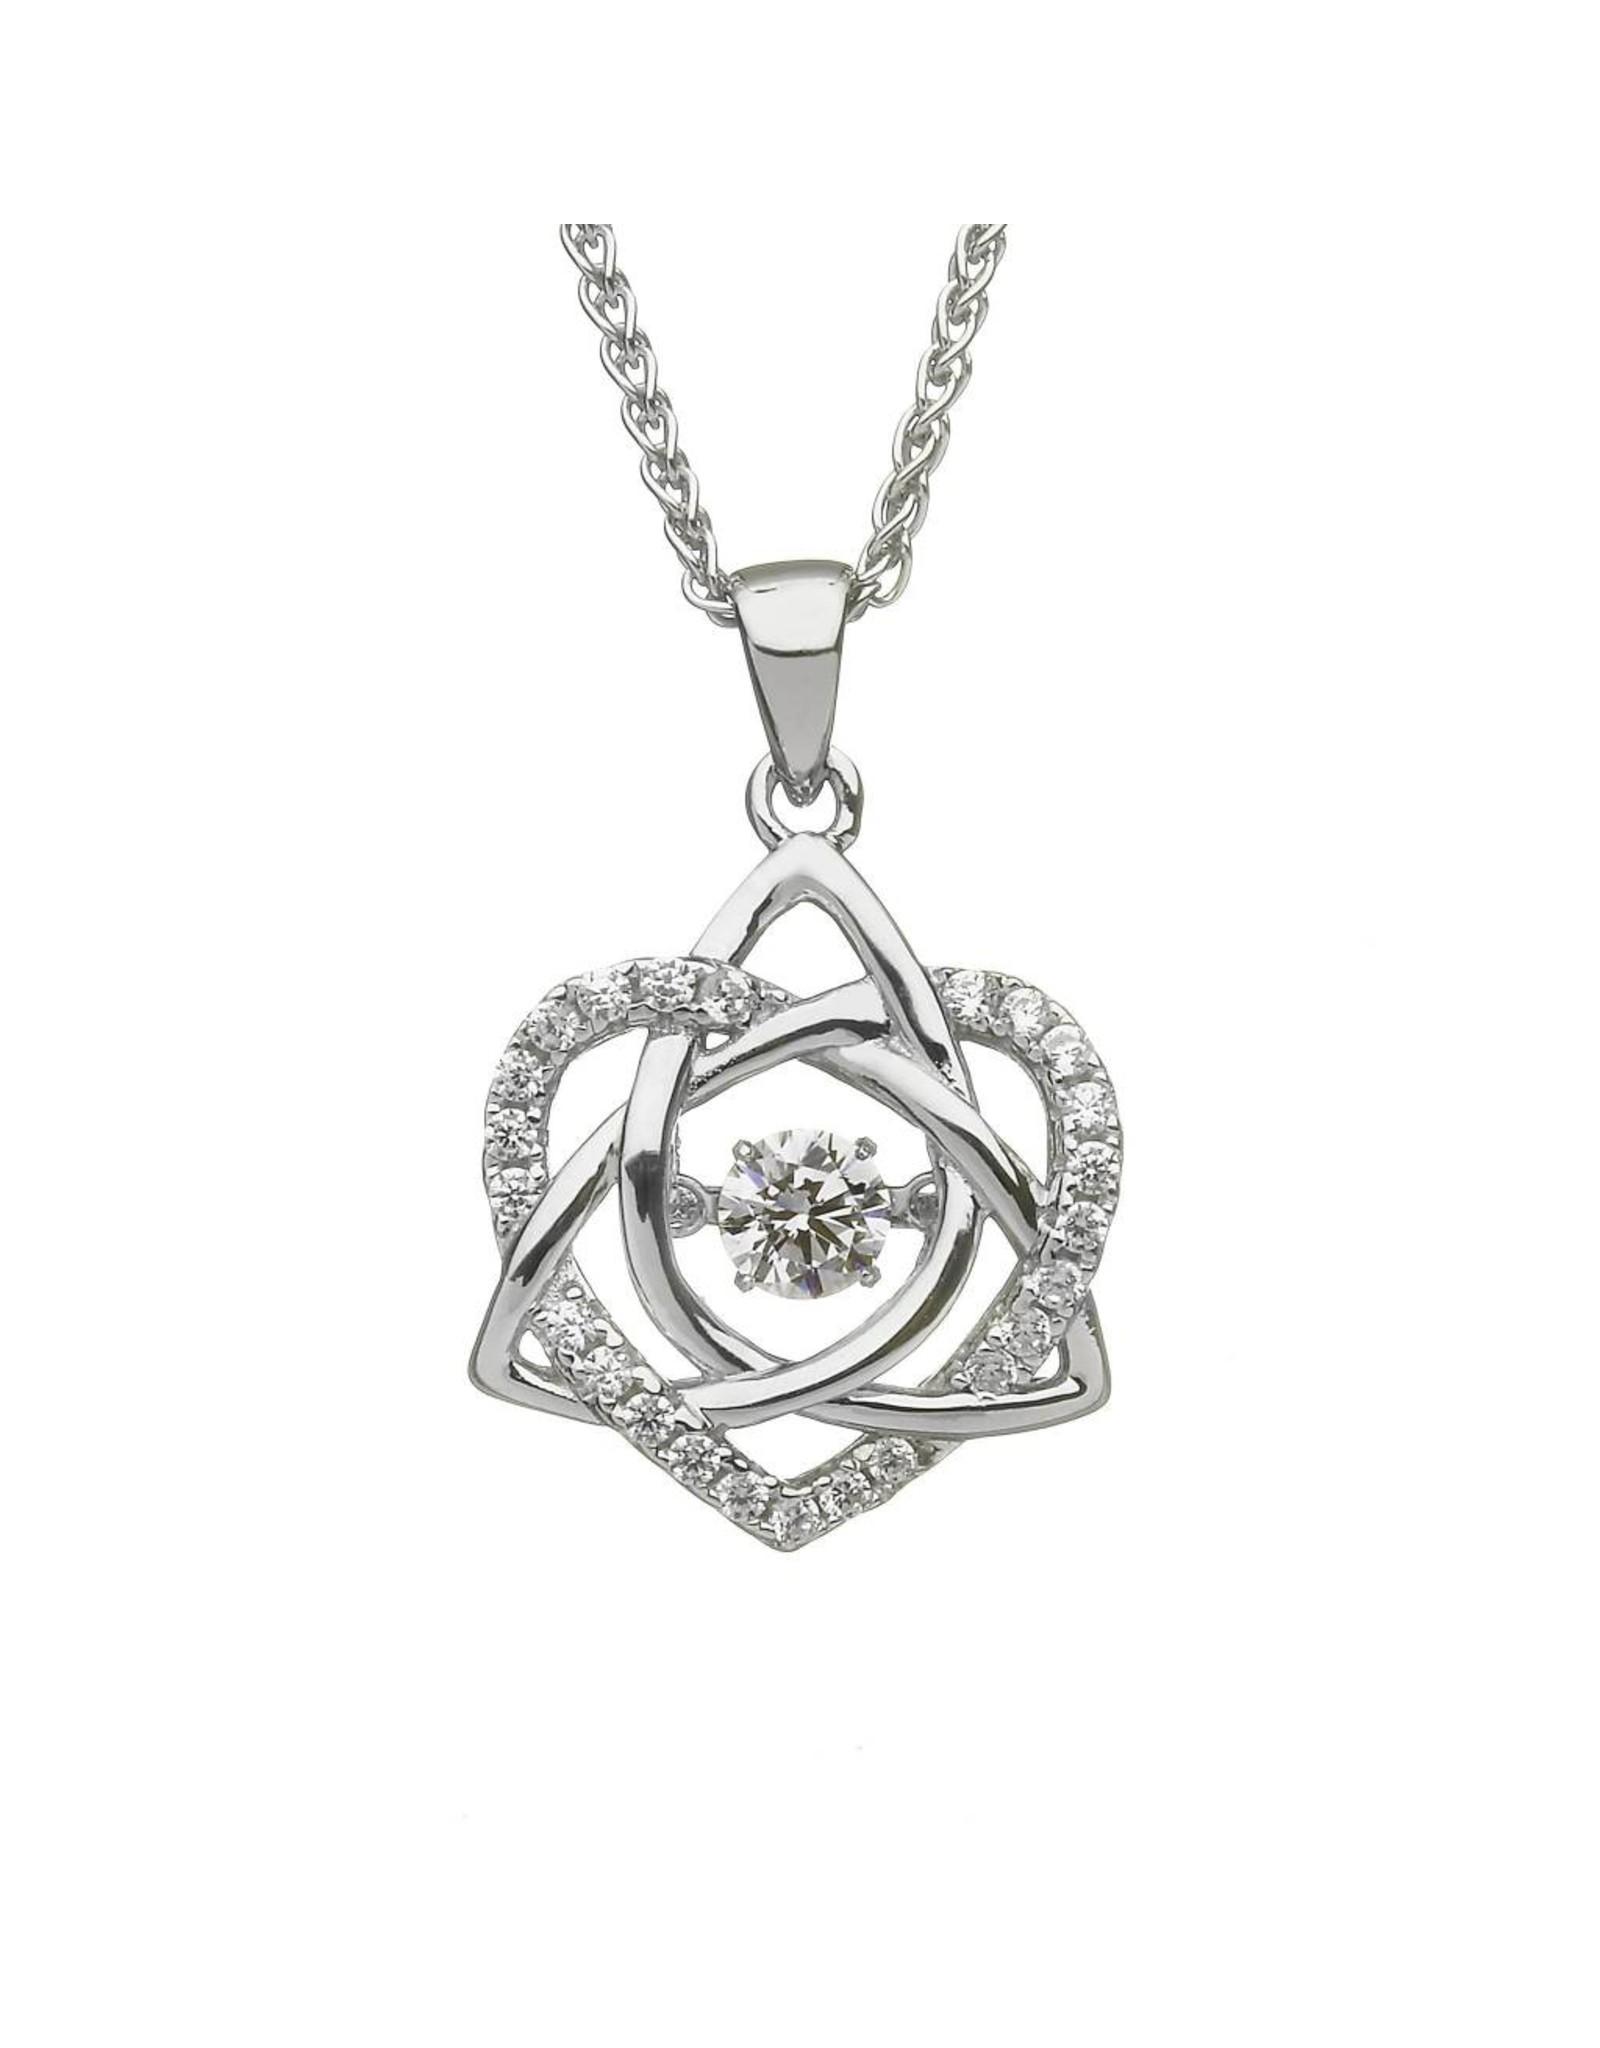 Boru Jewelry SS Dancing Stone Heart/Trinity Necklace